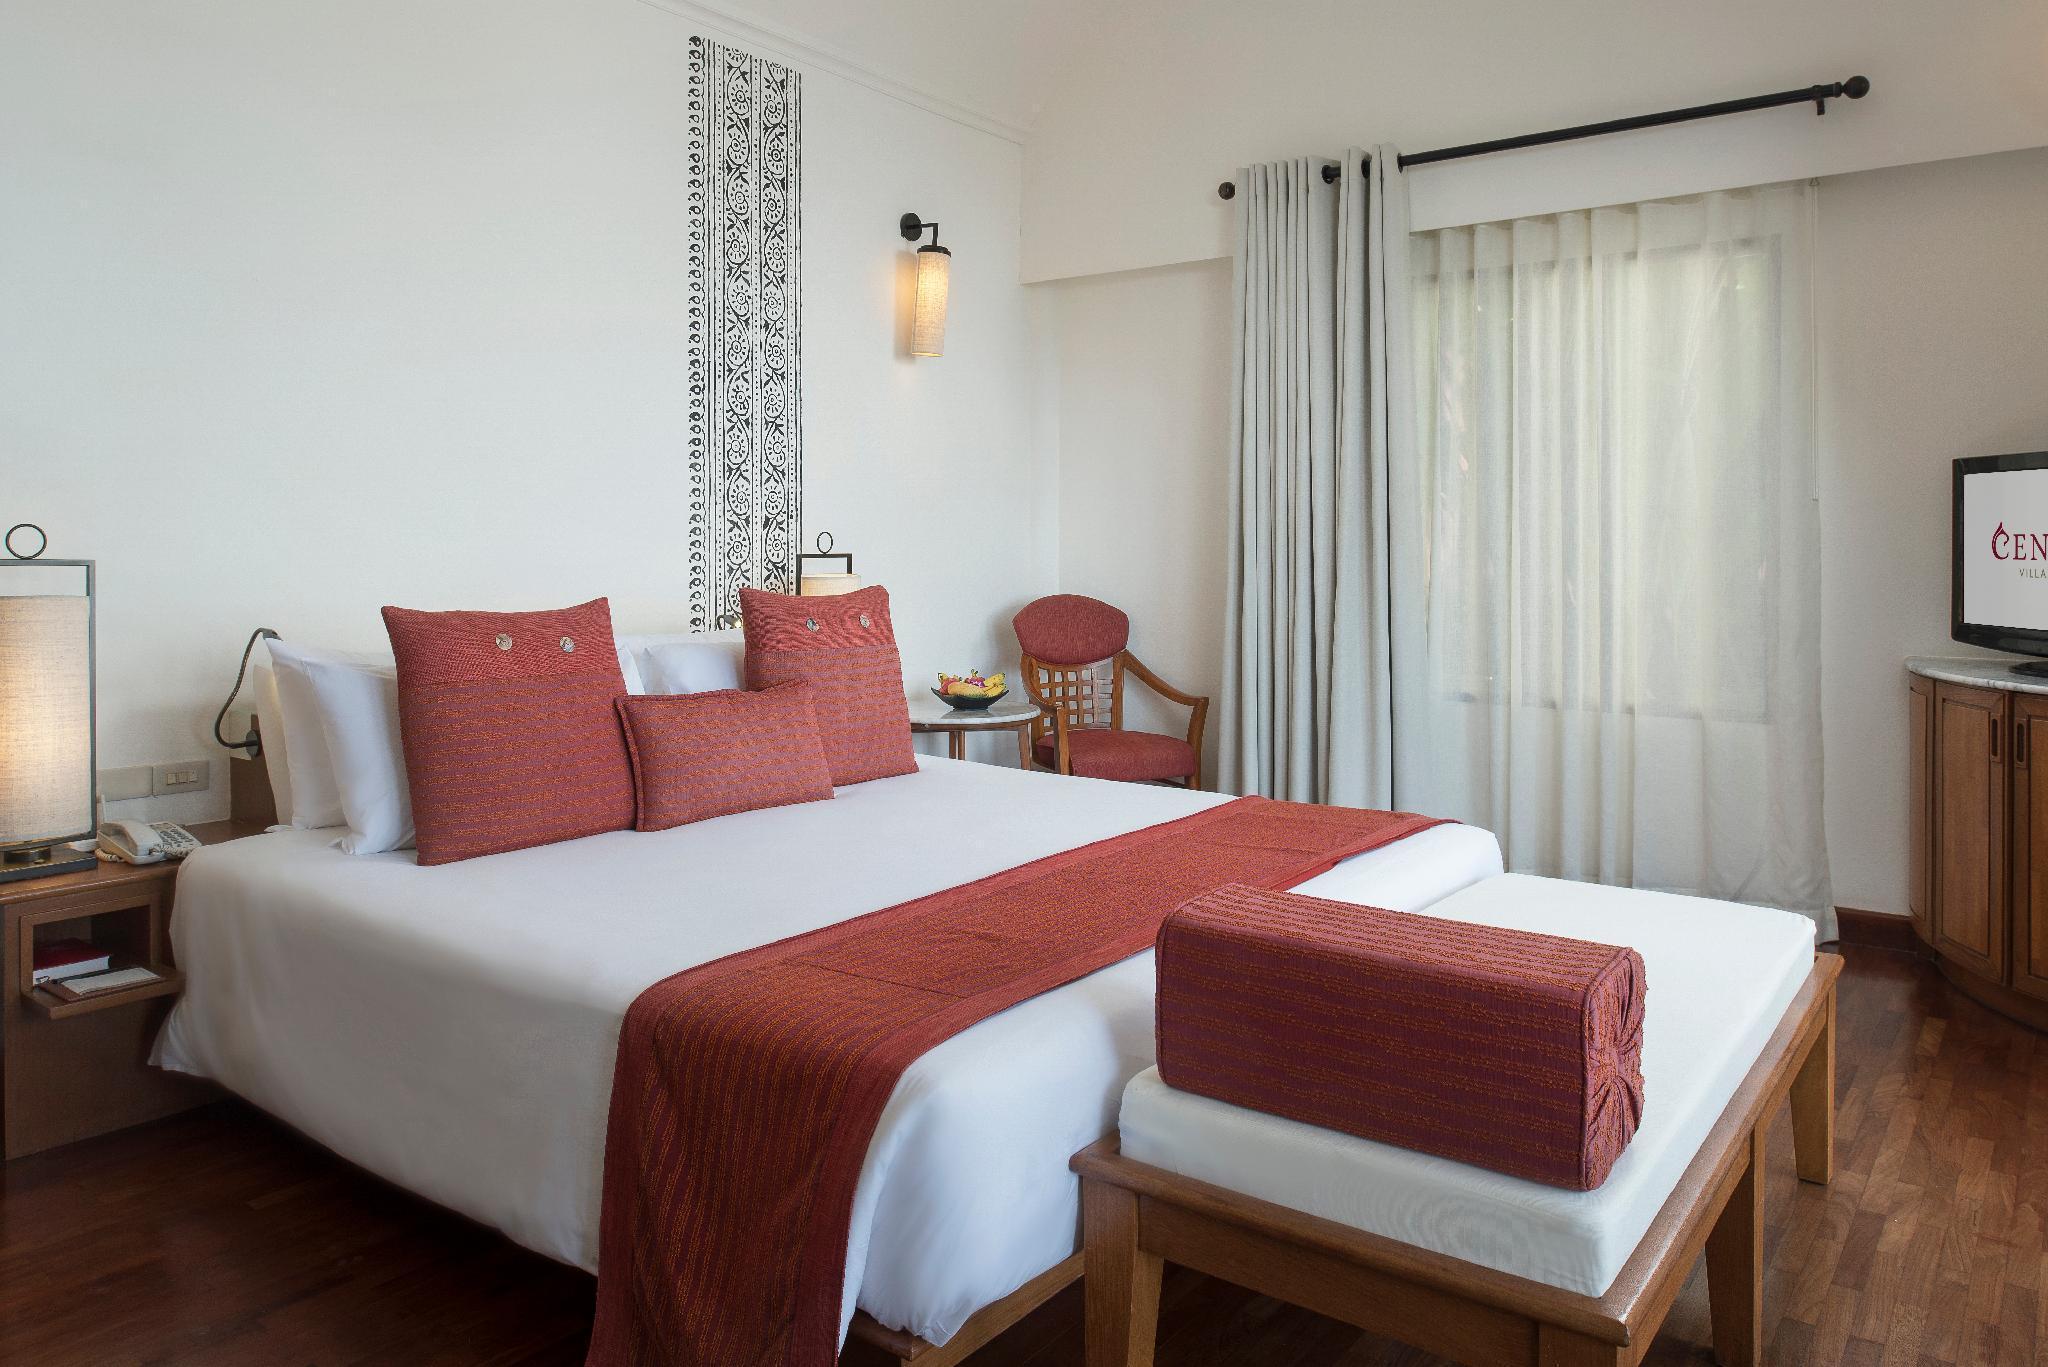 โรงแรมเซ็นทารา วิลลา ภูเก็ต